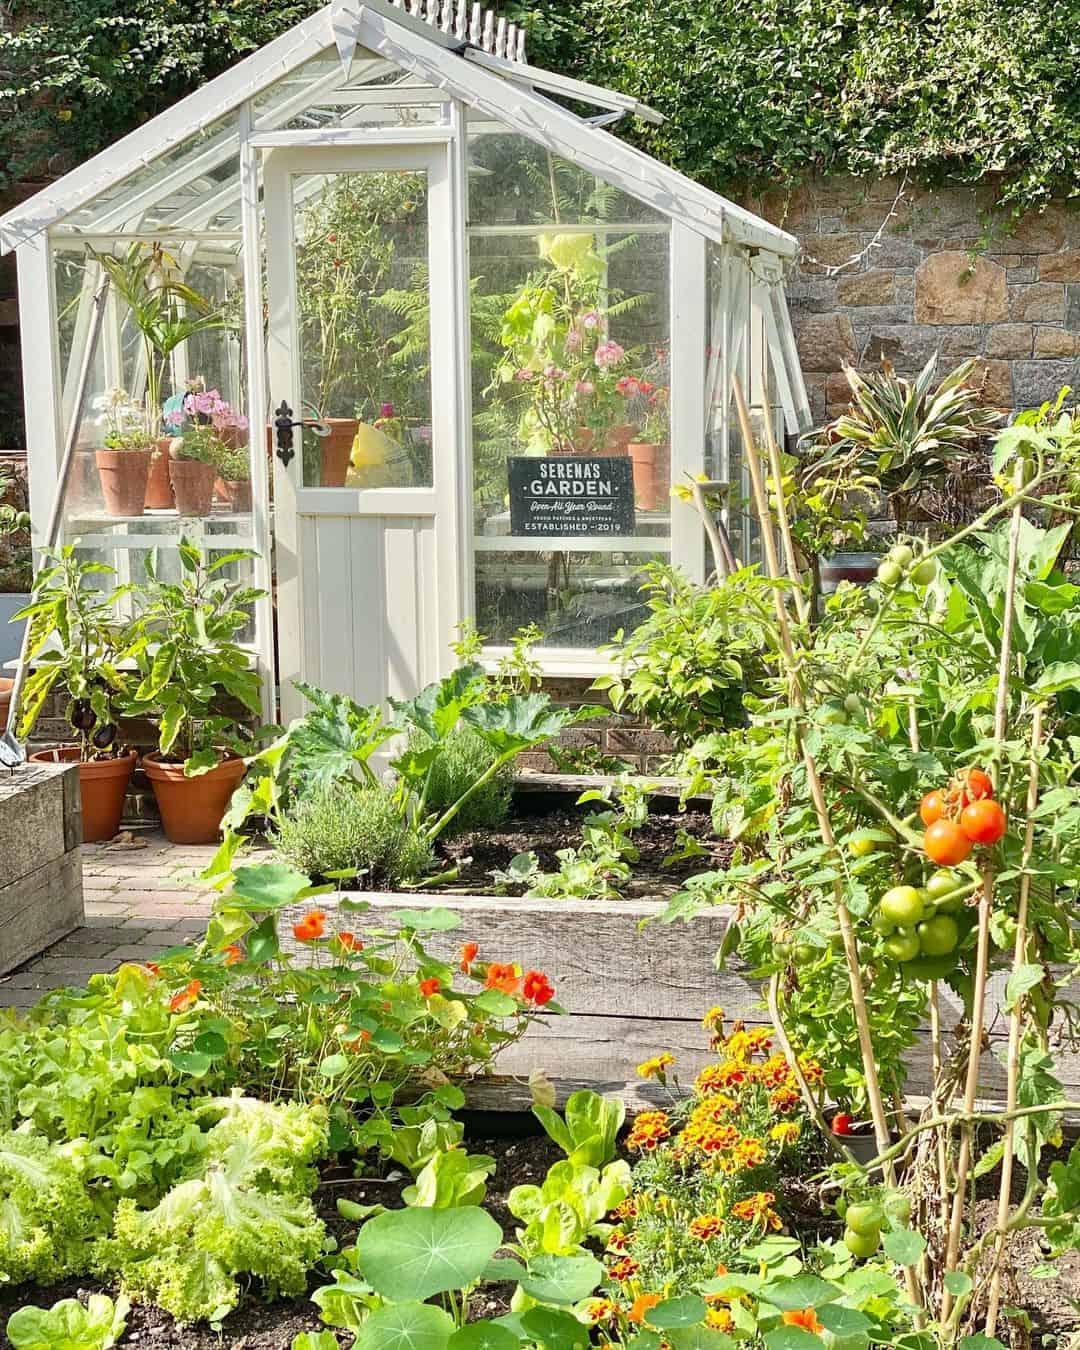 planter box for vegetables